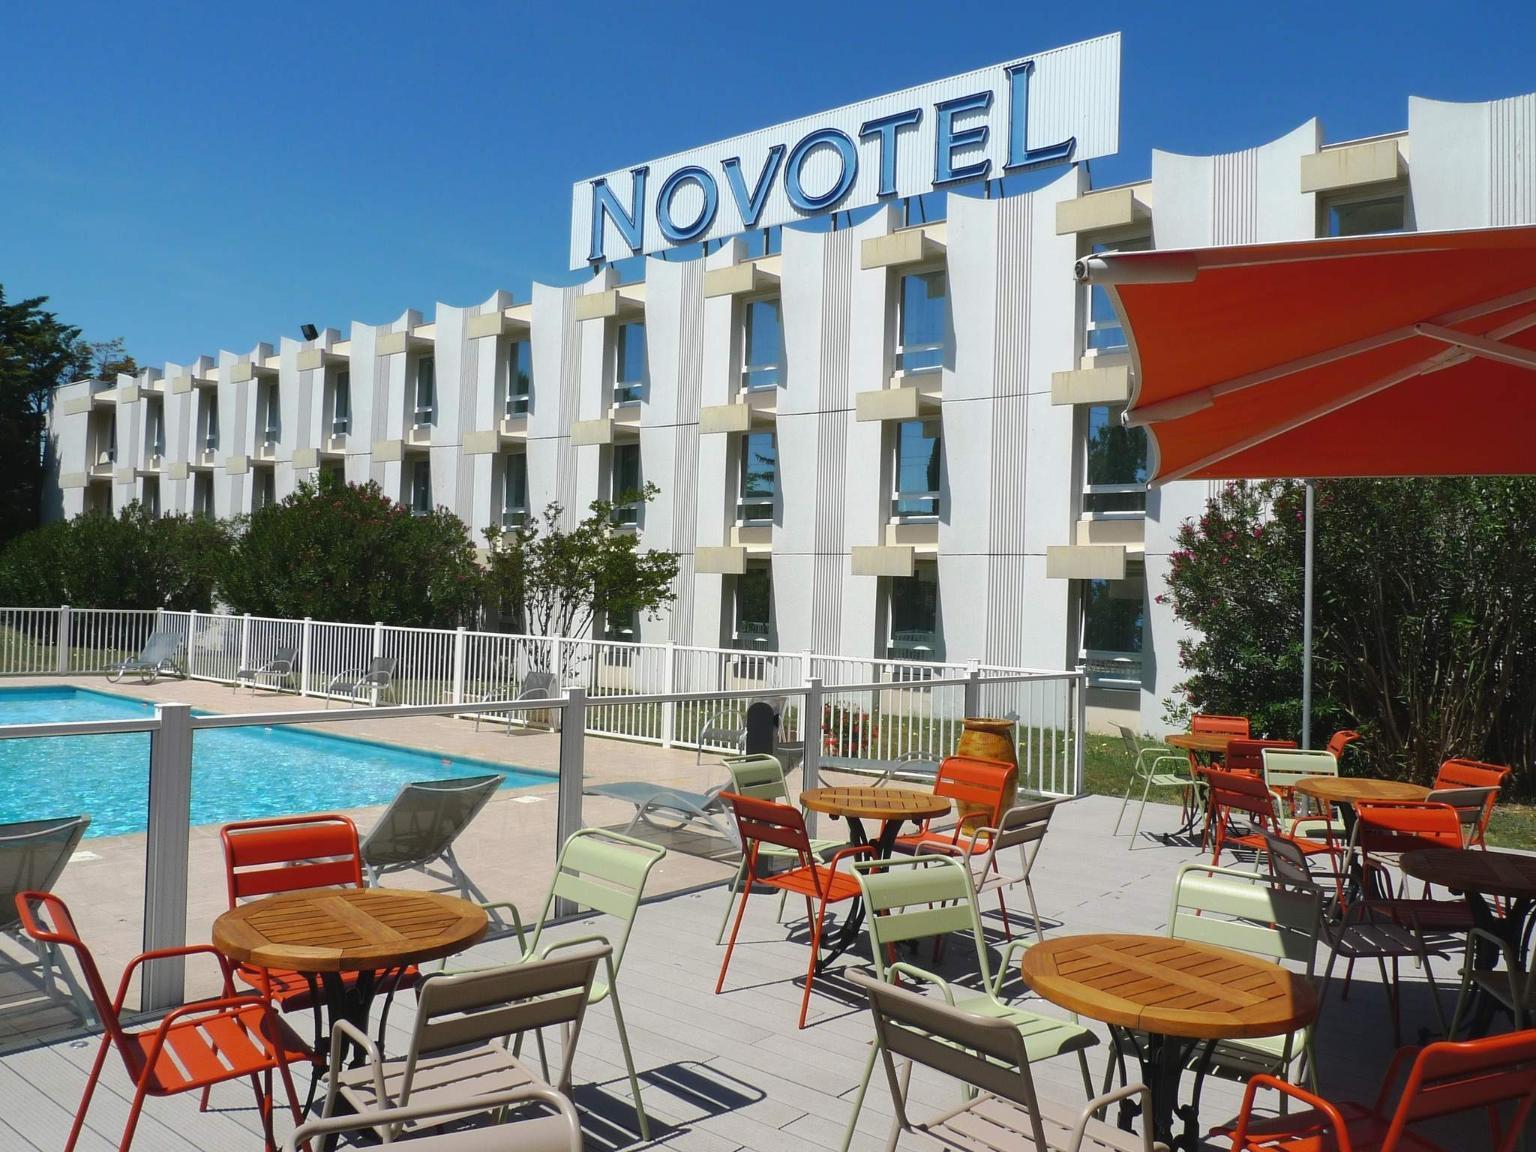 Novotel narbonne sud h tel 130 rue de l 39 hotellerie - Hotel narbonne plage avec piscine ...